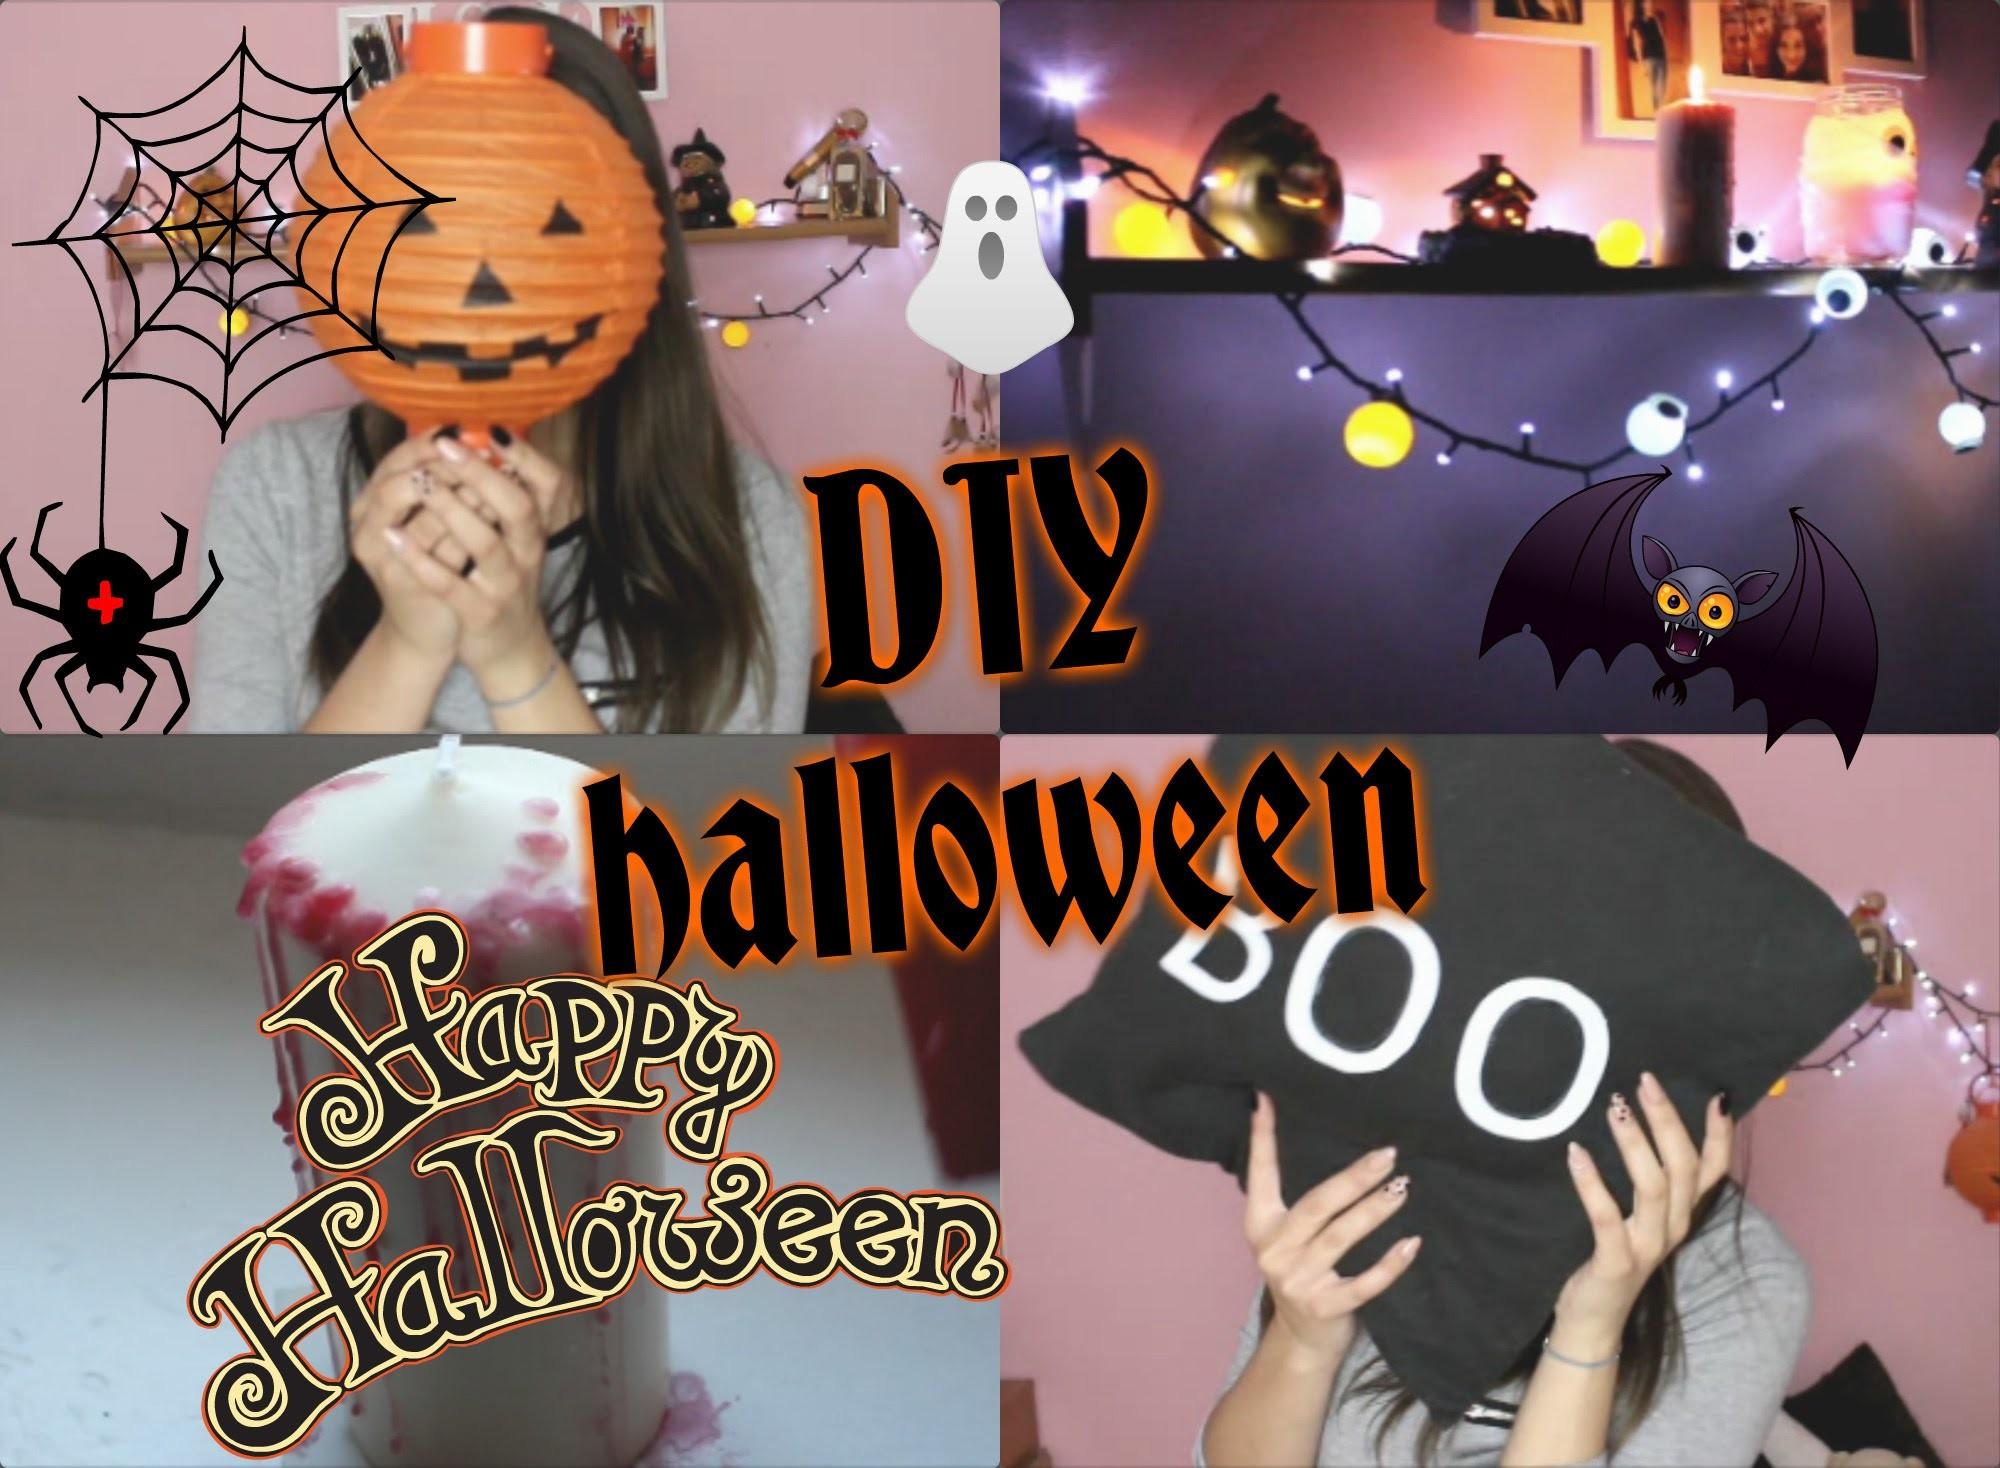 DIY Halloween Decorations!